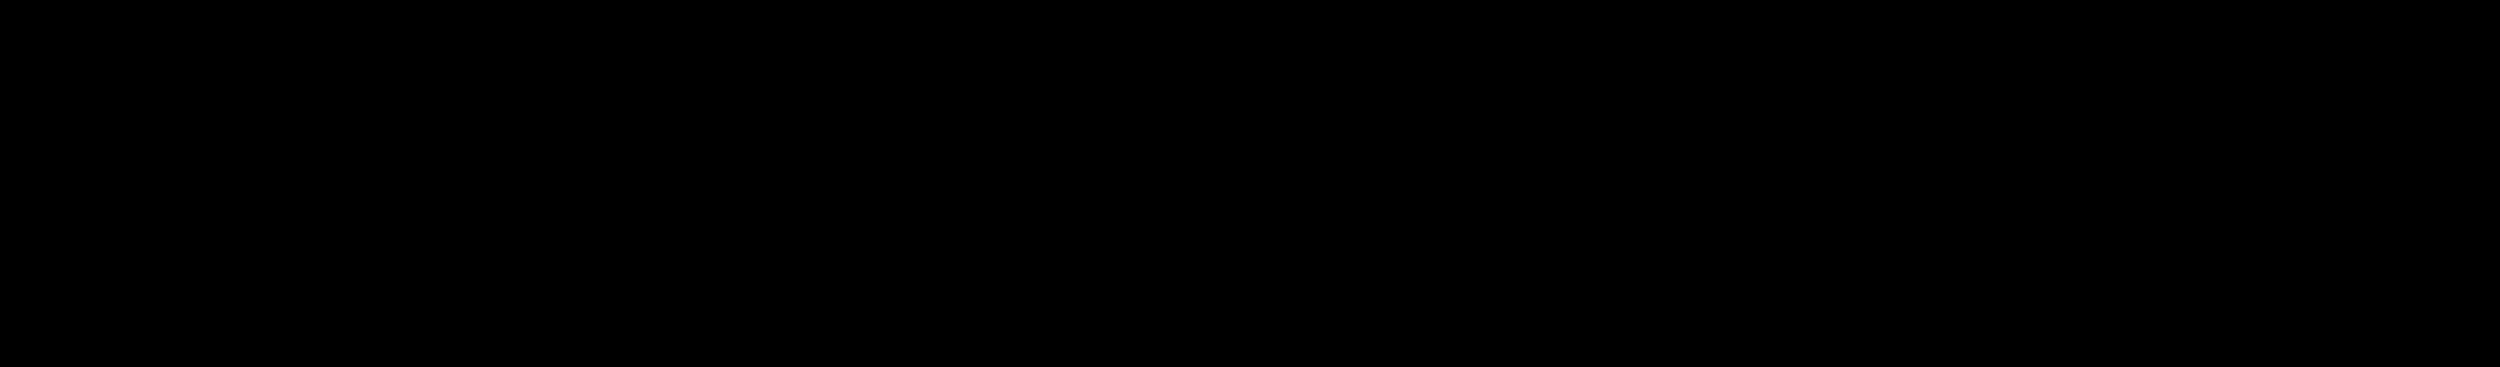 onetosixteen-blk_2-01.png